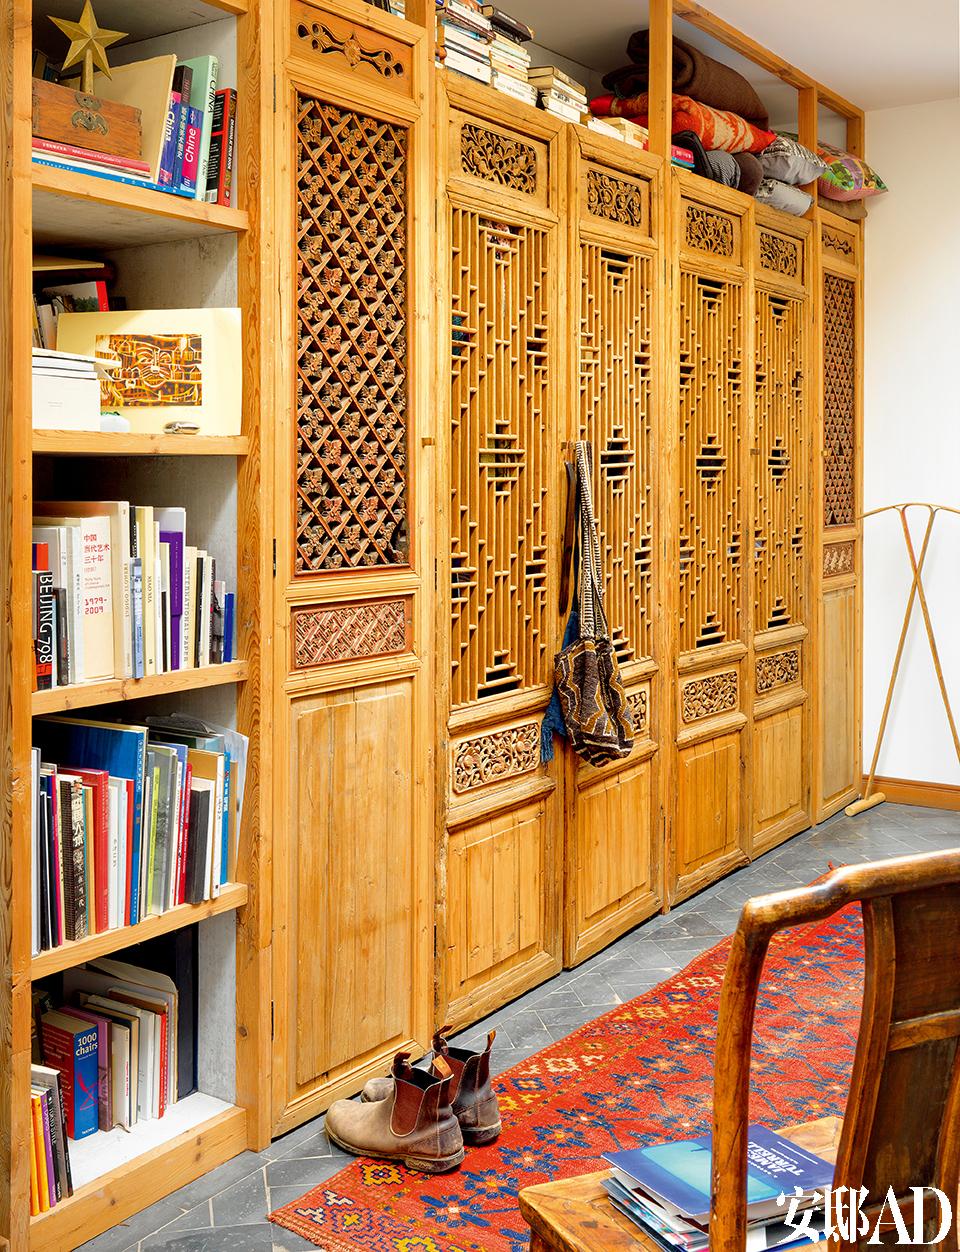 """山西木门作为柜门,是从之前的家搬过来的,用Juan自己的话说,"""" 连踢脚线都拆了搬过来""""。雕花的木门也是从旧公寓拆了重新安装,竹子衣架出自印度设计师Sandeep Sangaru。"""